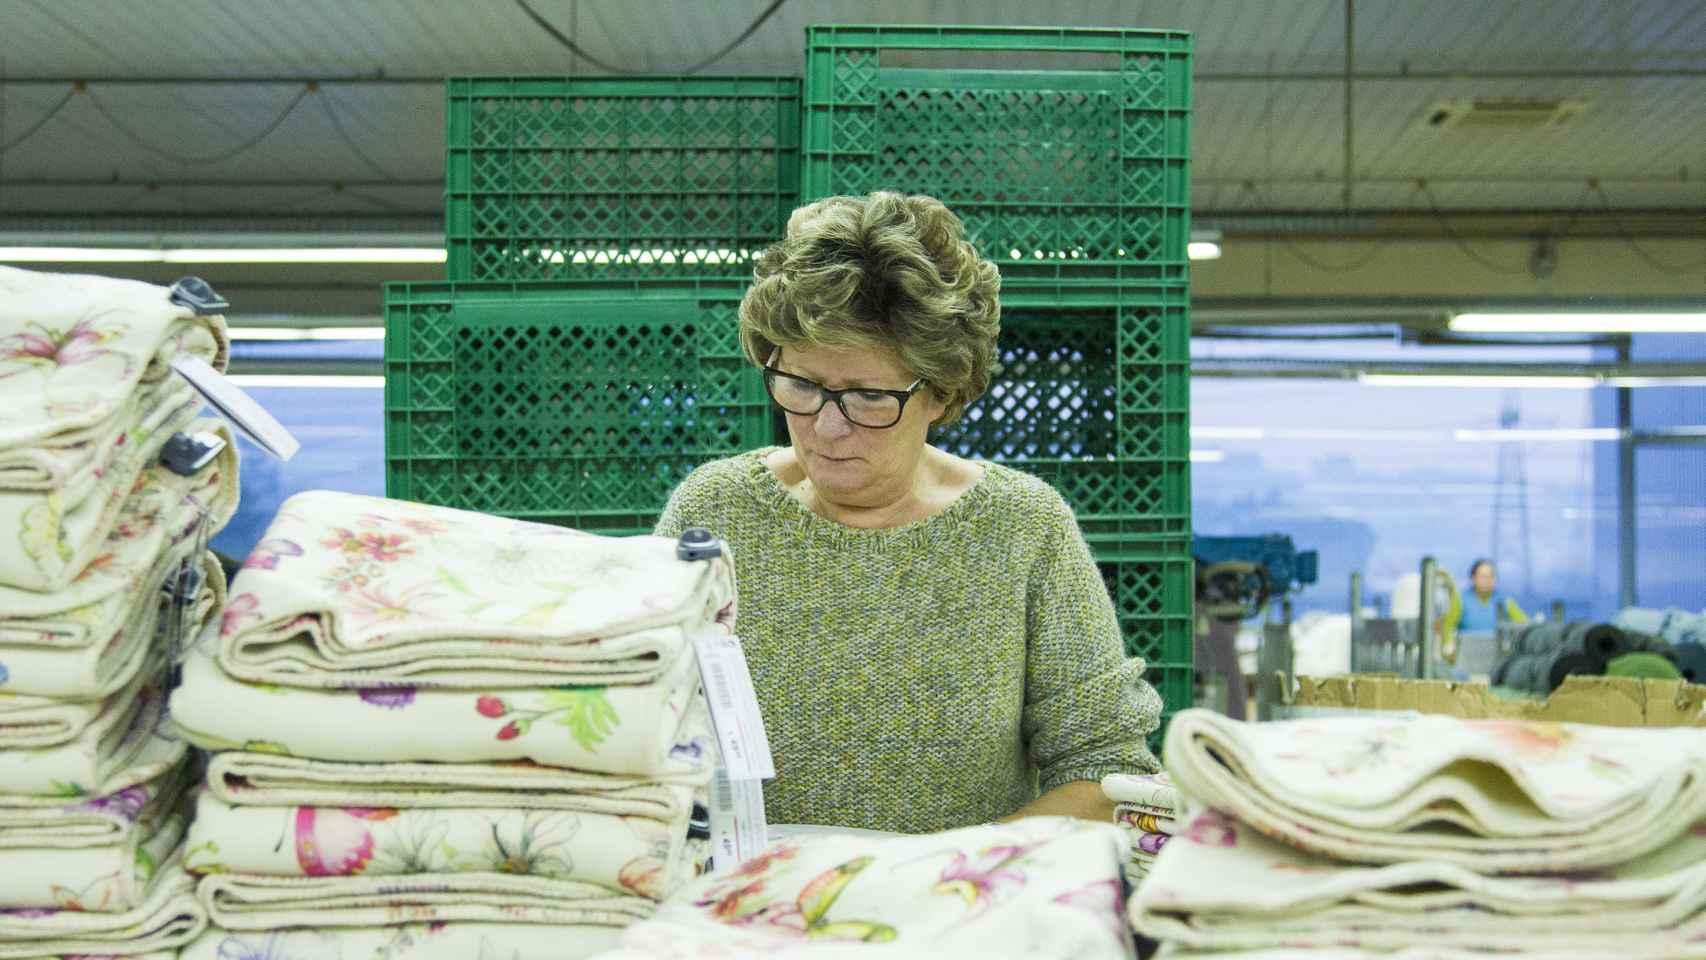 Una trabajadora de Crispim Abreu dobla mantas que se venderán en Zara Home.